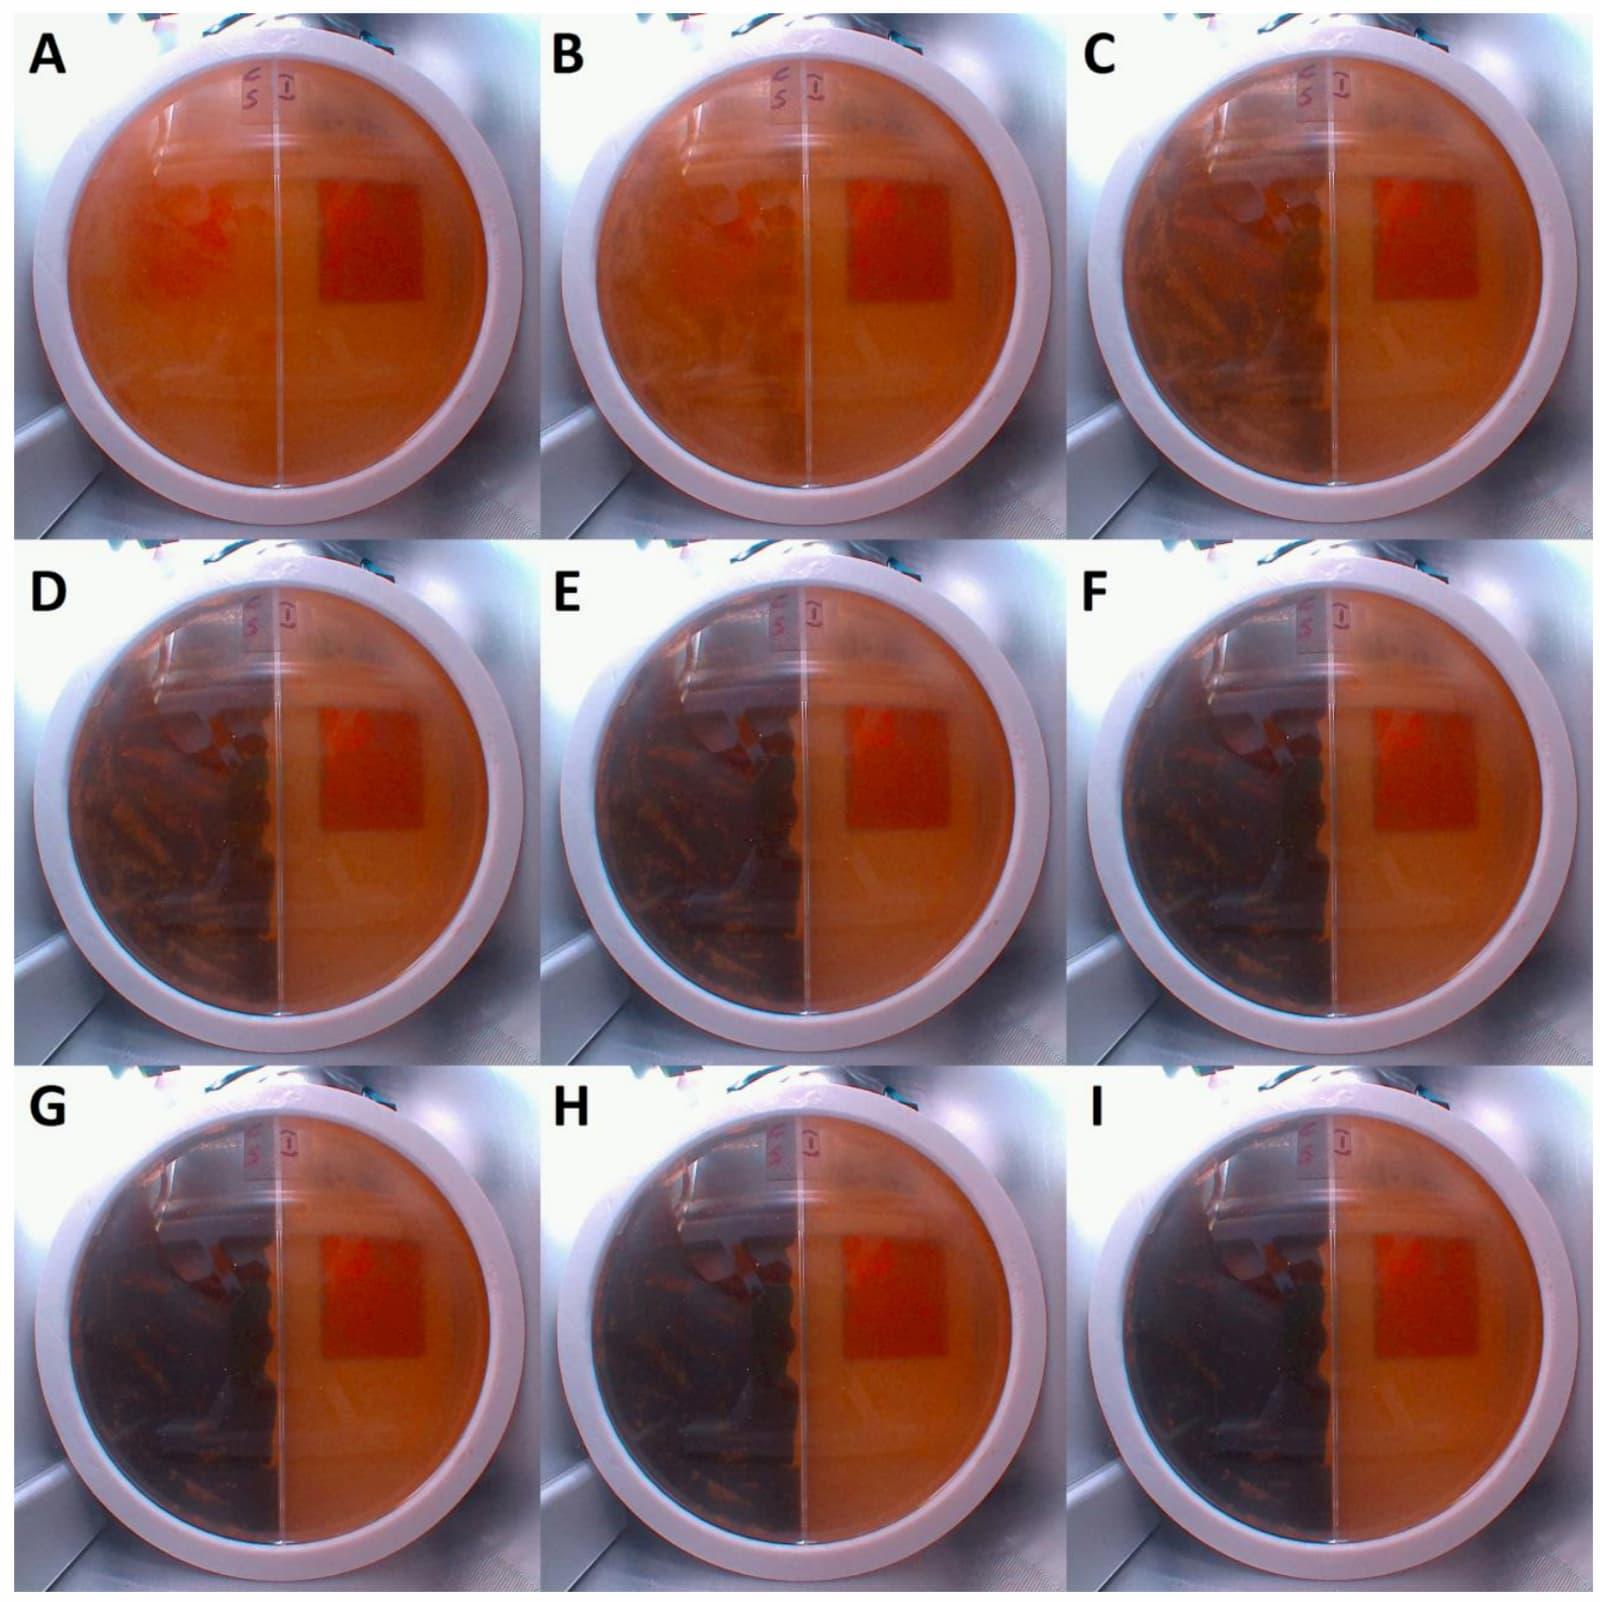 Crescimento fúngico (no lado esquerdo da placa de petri) observado durante as primeiras 48 horas da experiência